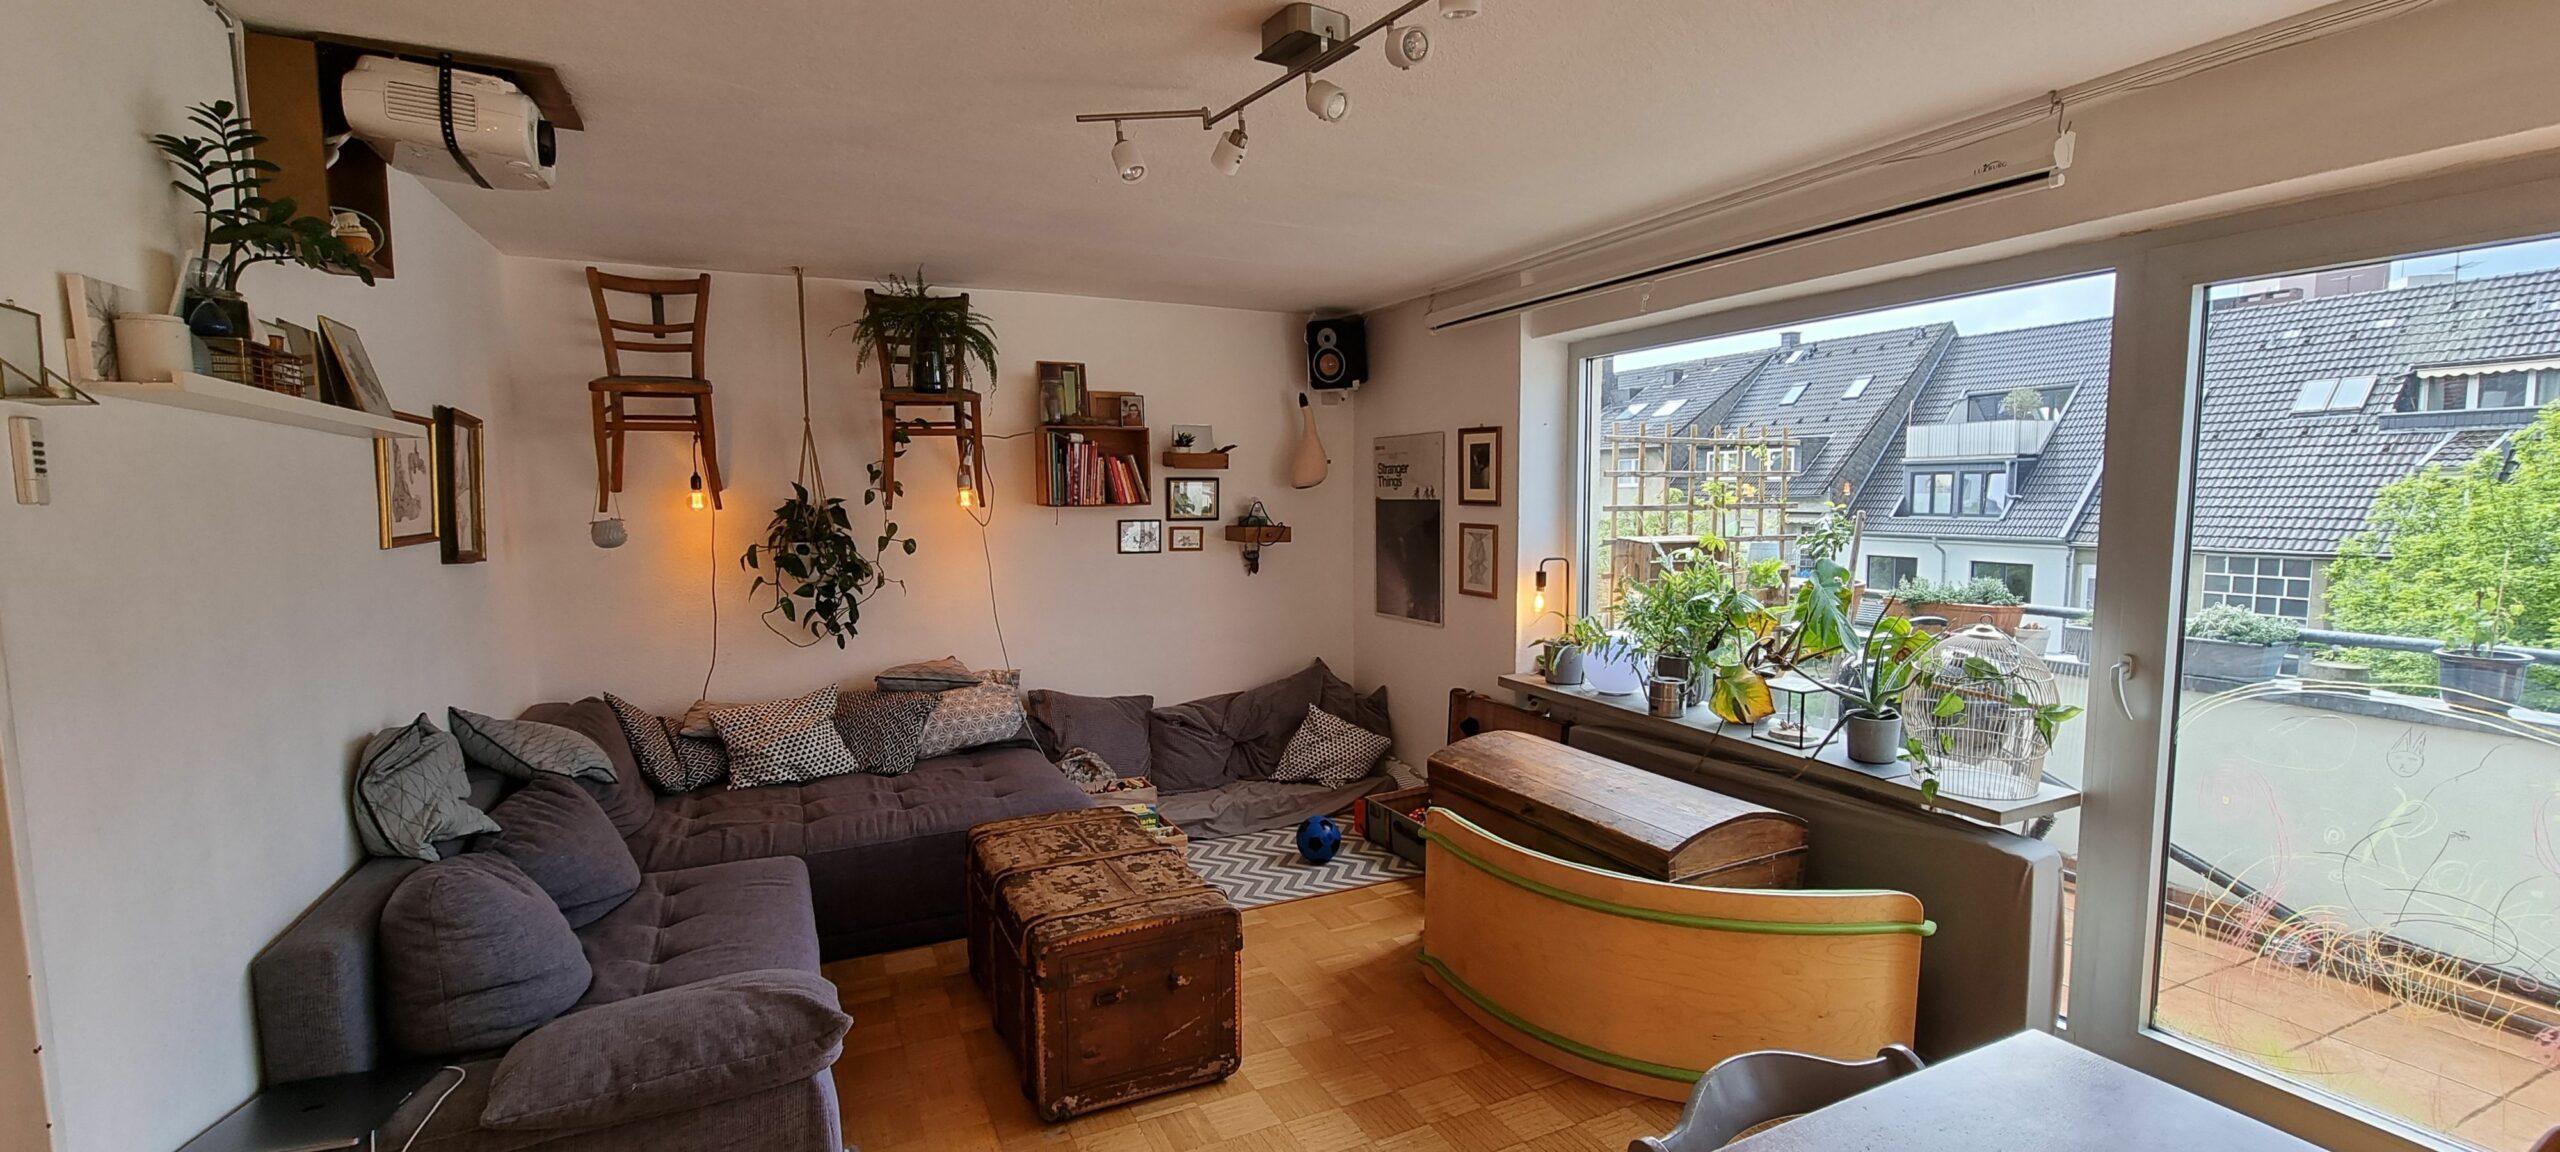 60 qm große 3 Zimmer Mietwohnung zum 15.07 im Pantaleonsviertel frei